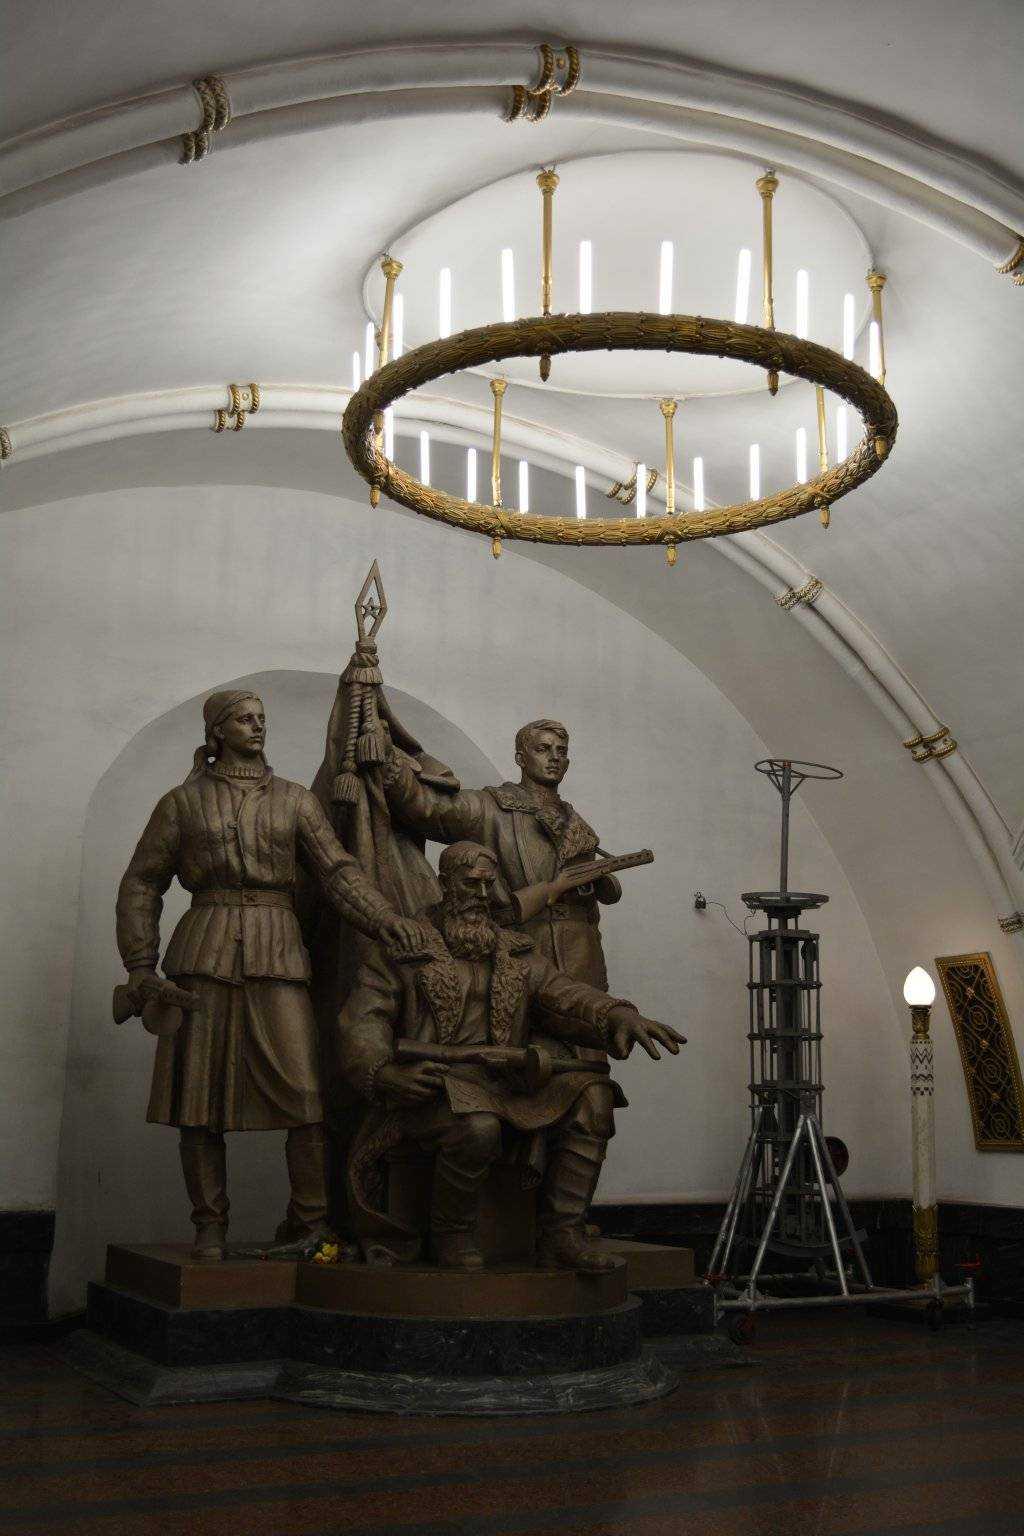 Beloruskaya 2